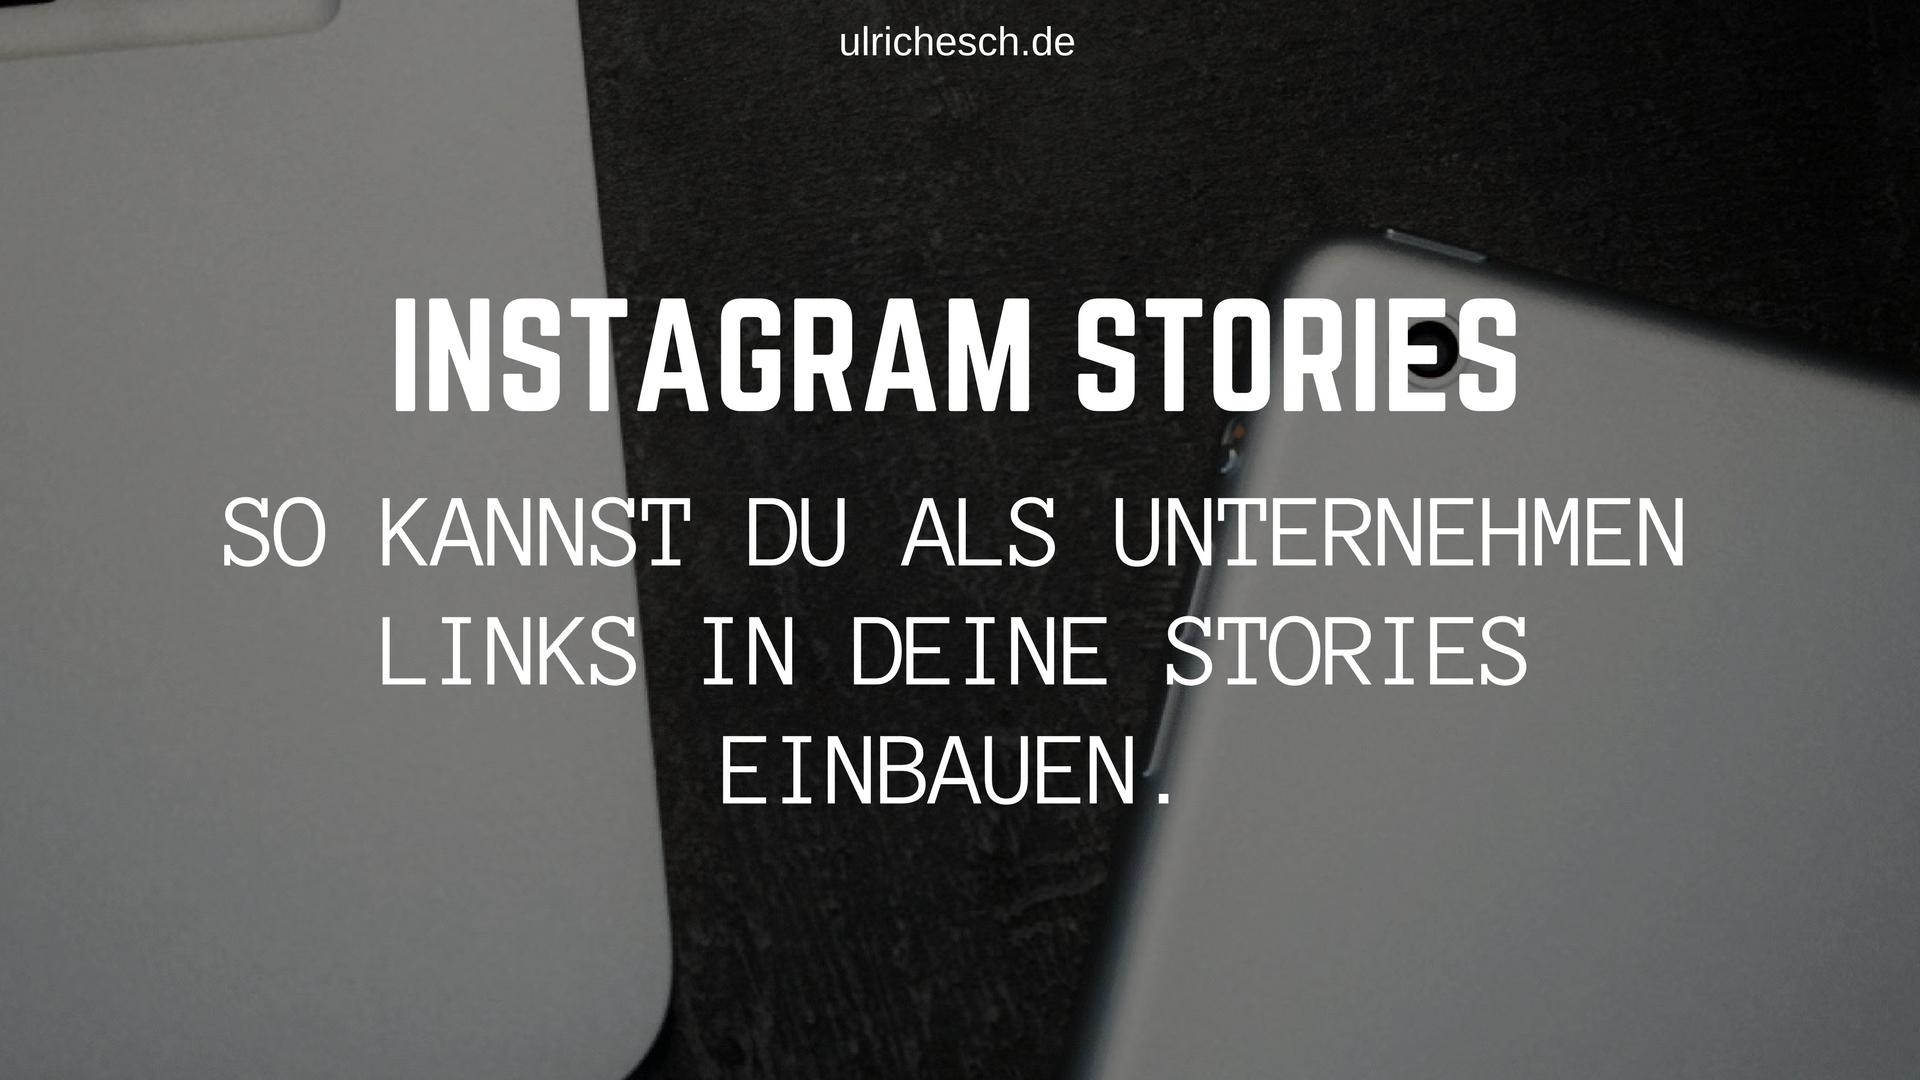 instagram-stories-links-setzen-unternehmen